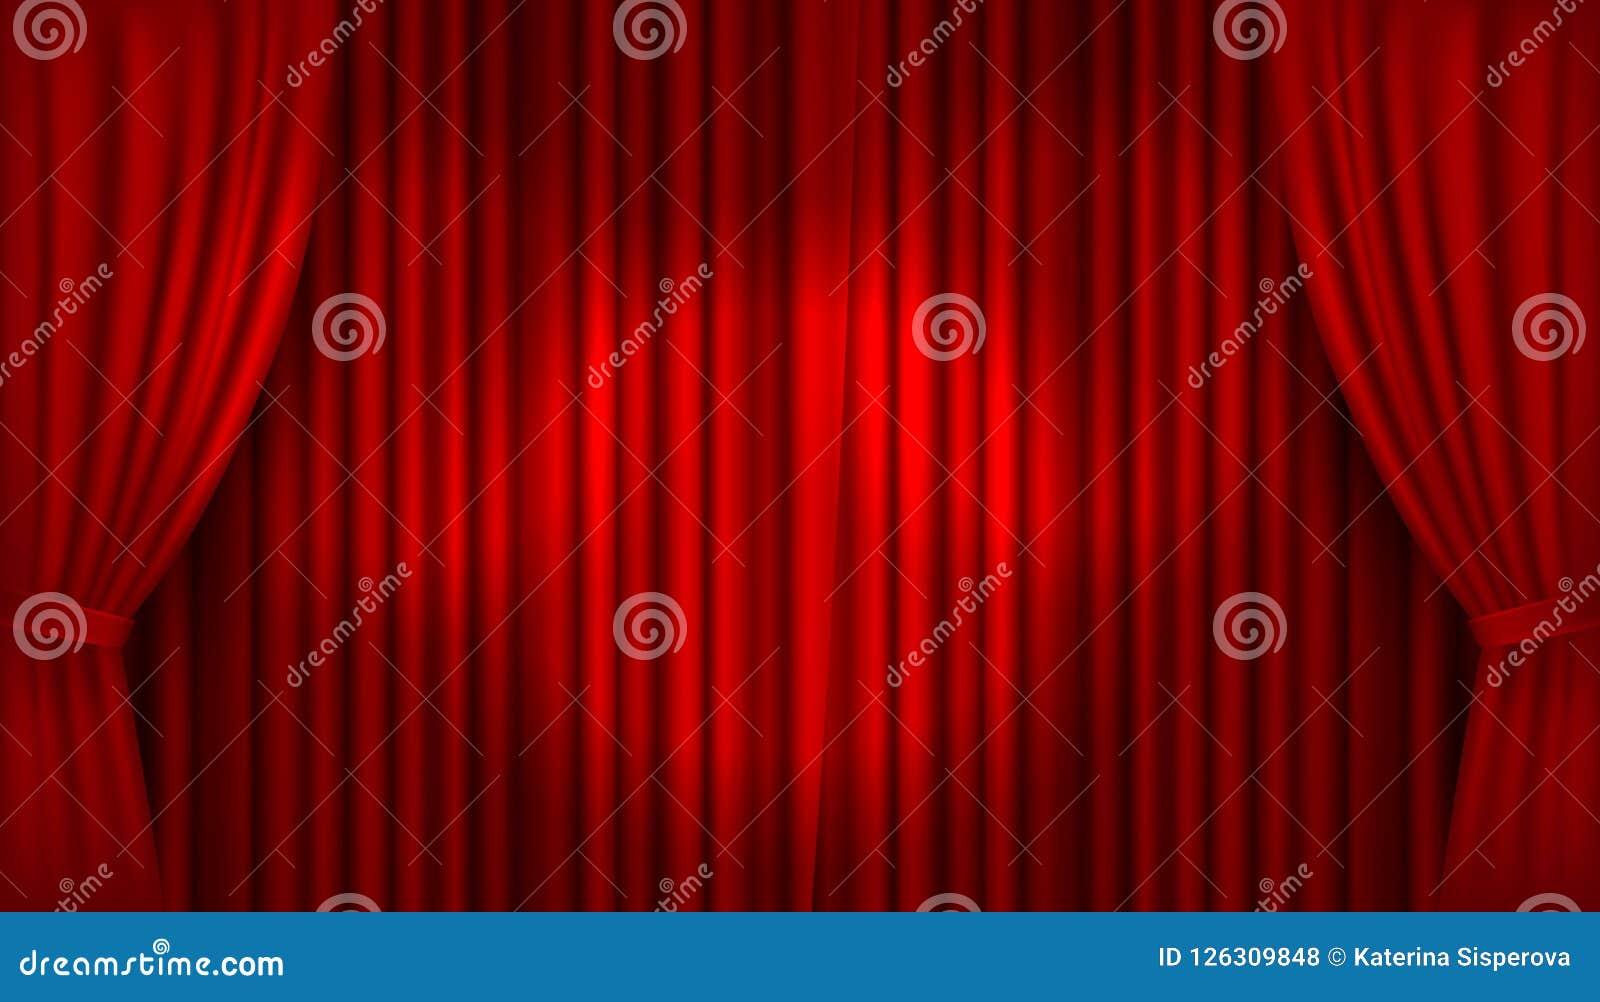 Hänger upp gardiner den realistiska upplysta etappen för vektorn med öppen röd sammet